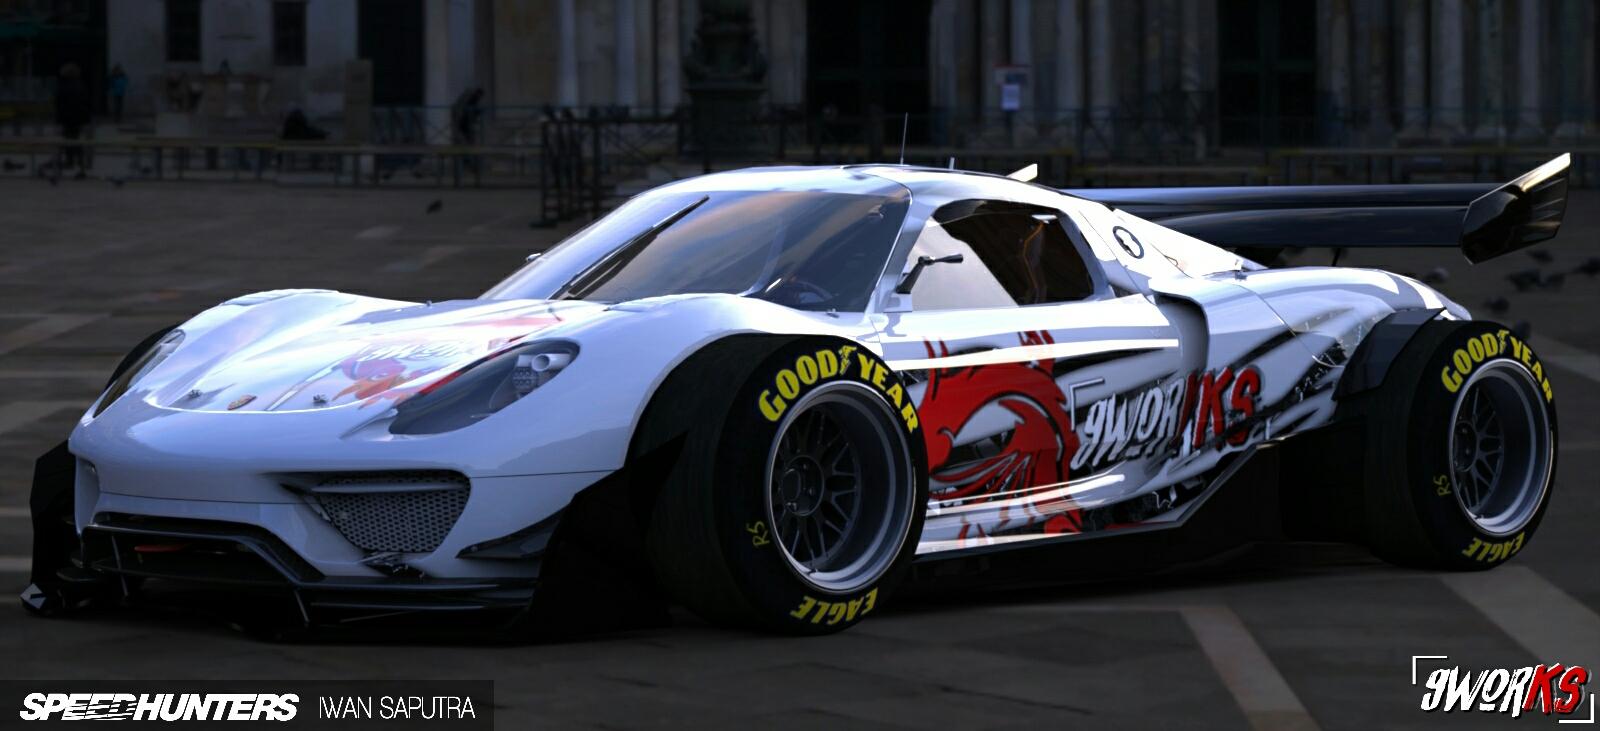 Porsche 918 Rsr F1 Edition Wancustom Yd Kit 9works Garage